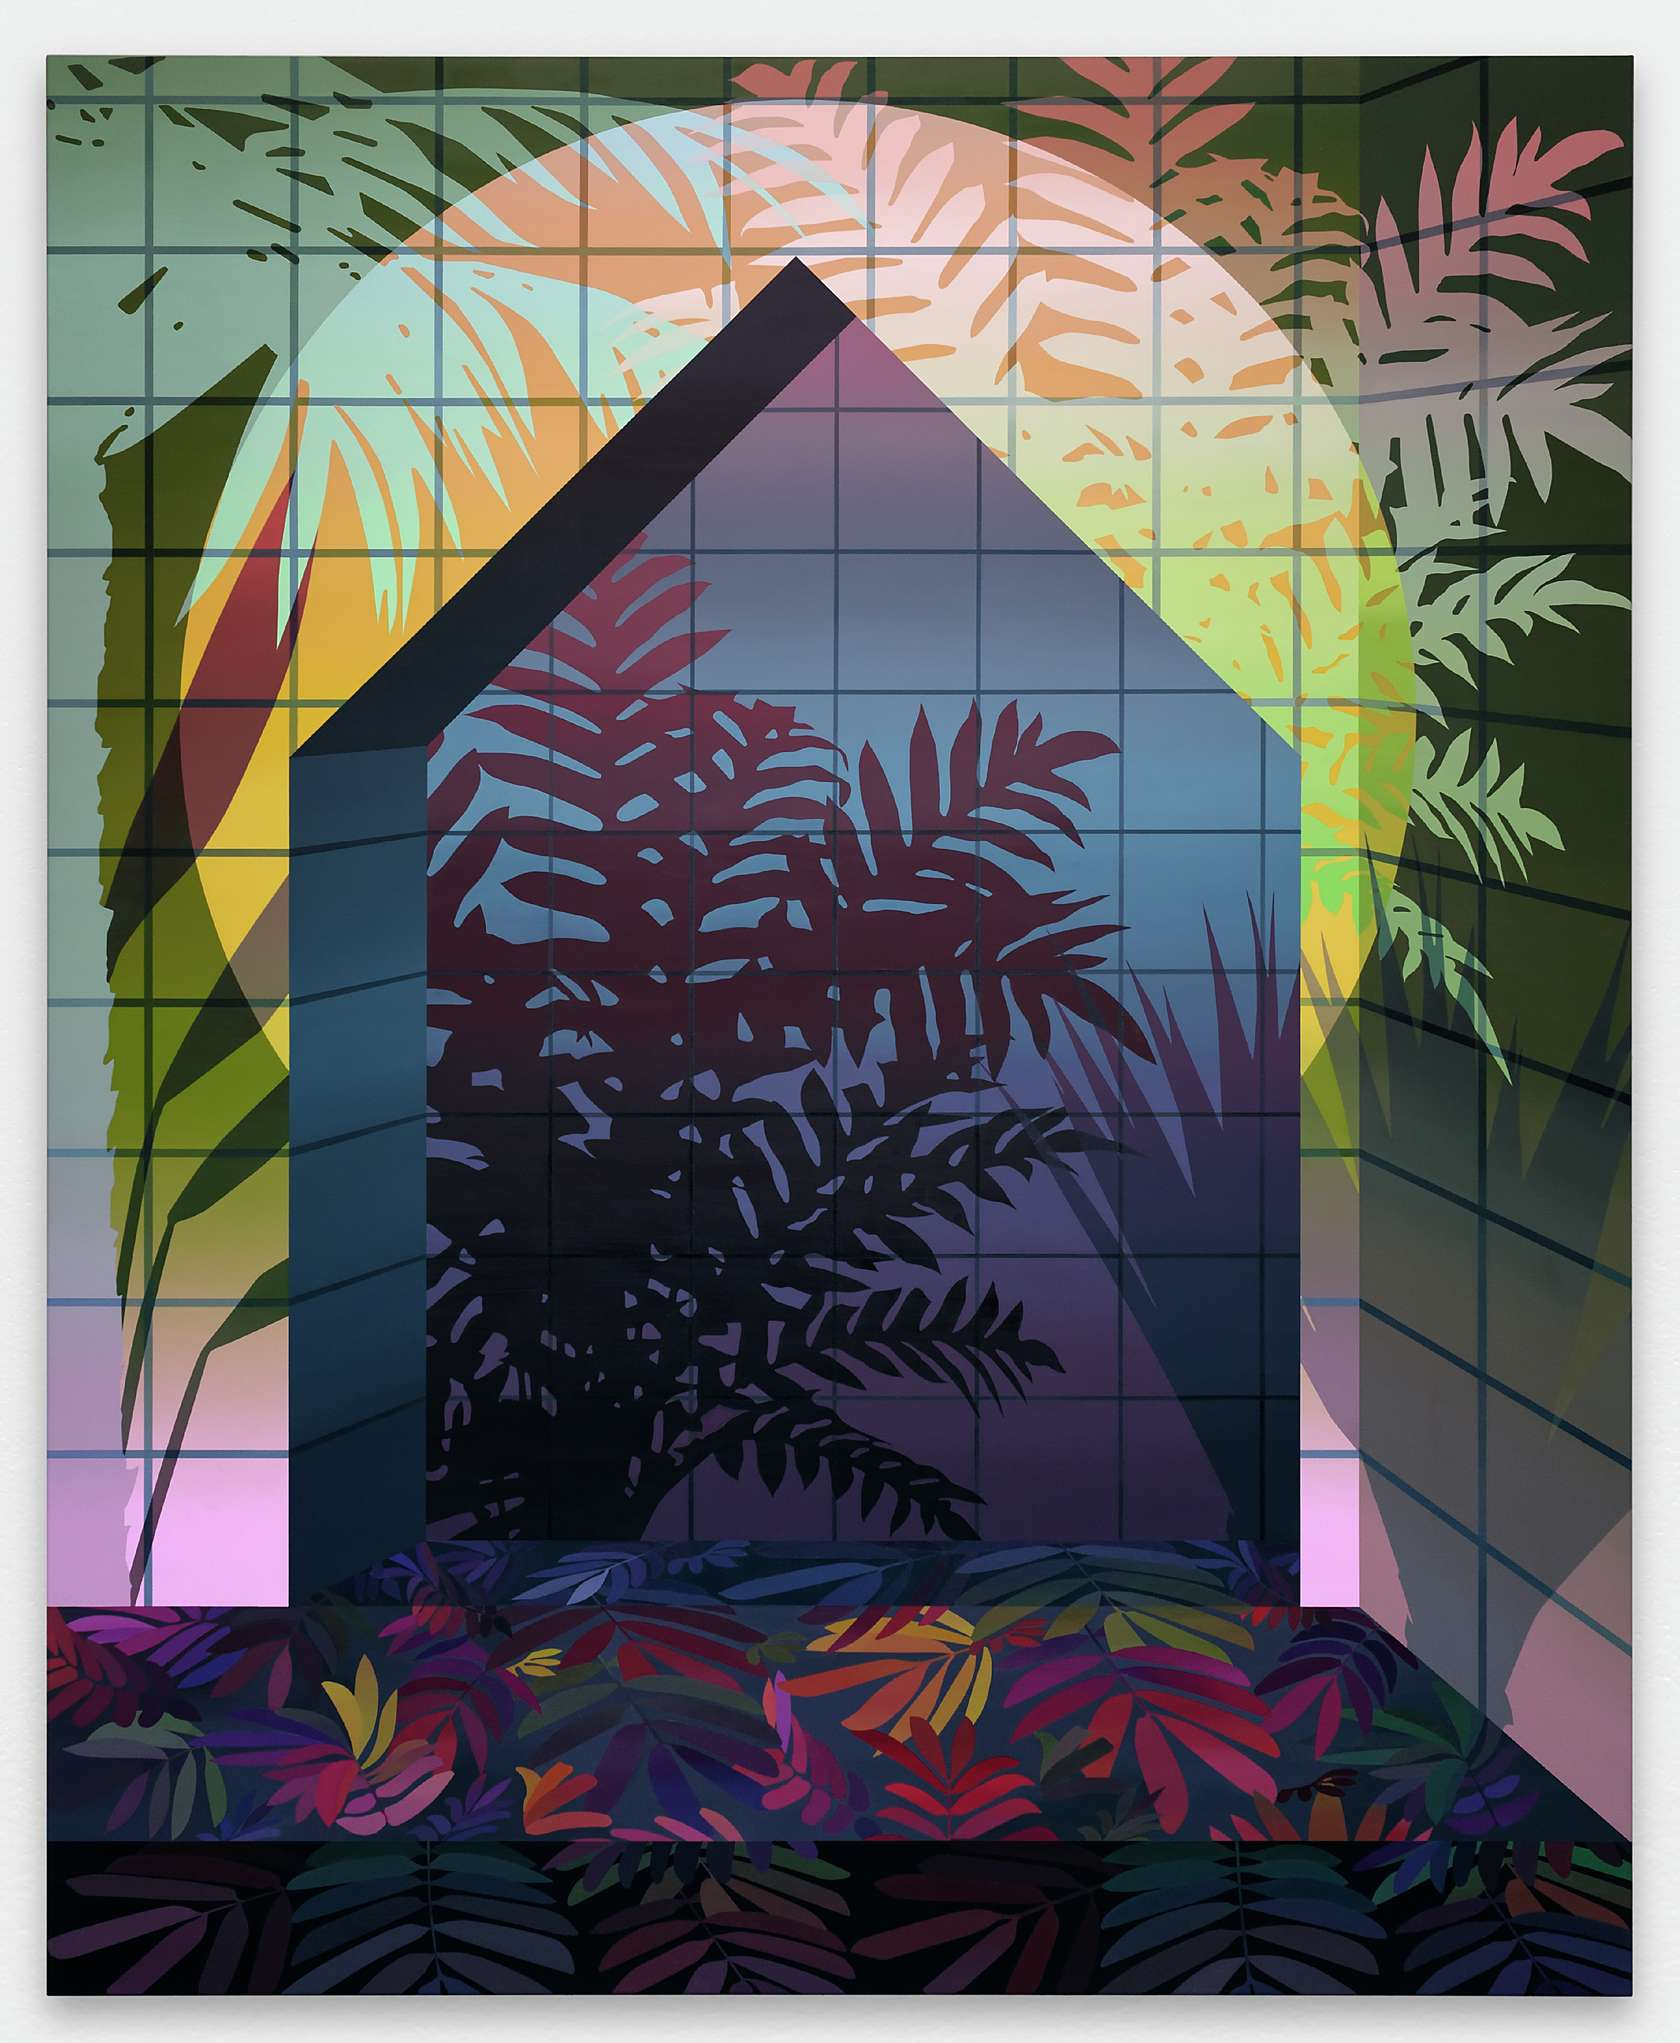 Amélie Bertrand, Electric Dream, 2016 Huile sur toile220 × 180 cm / 86 5/8 × 70 7/8 in.